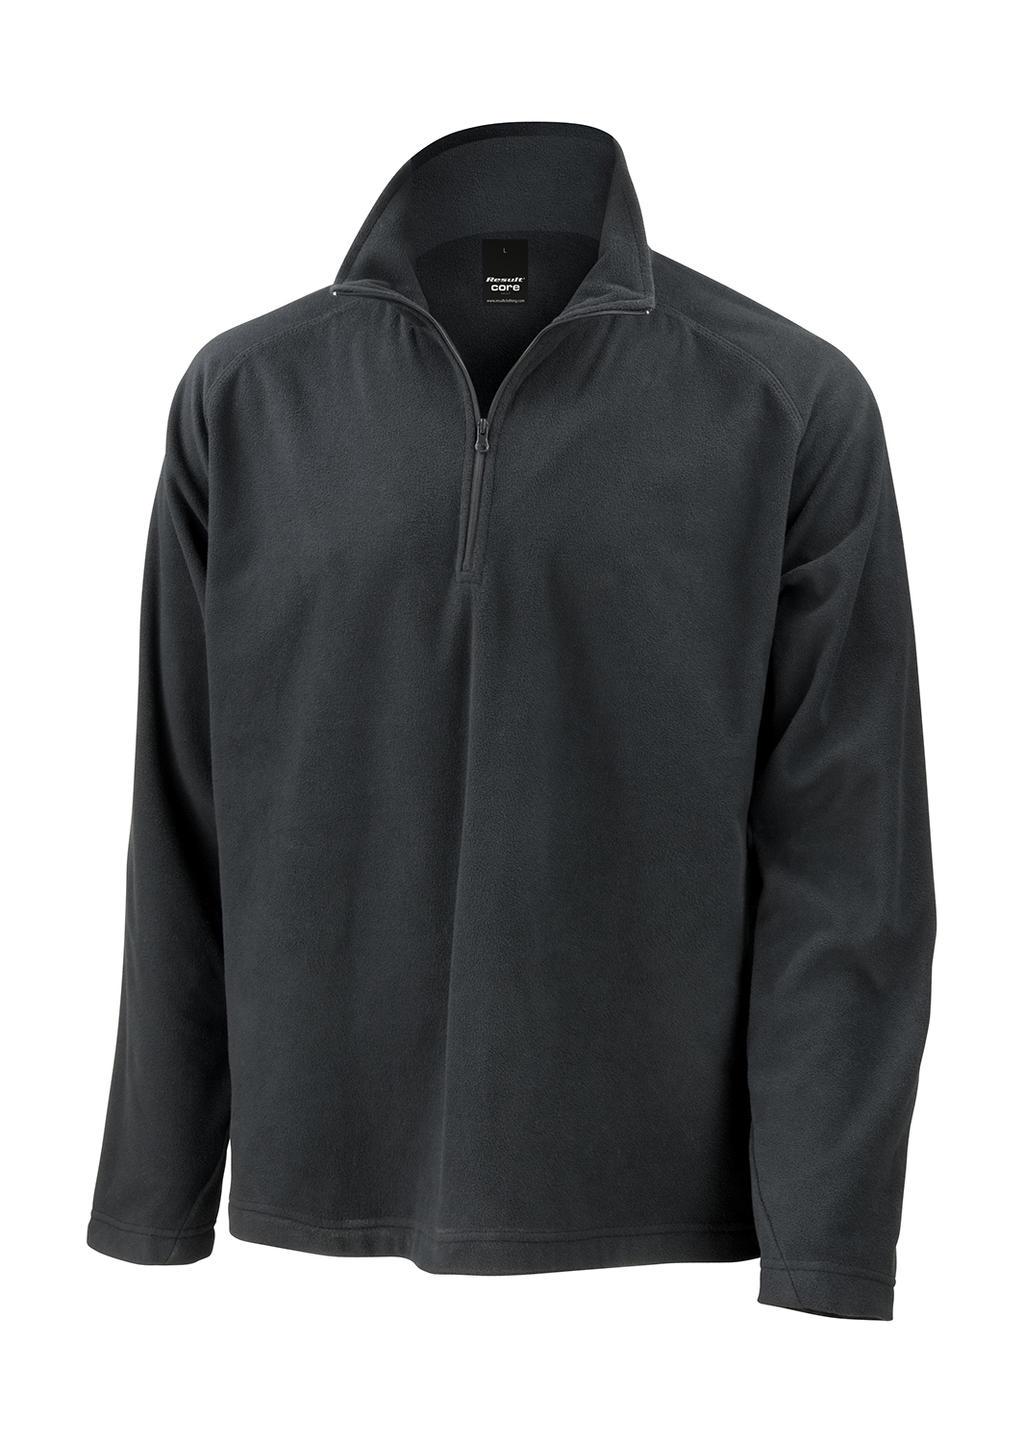 Bunda Micron Fleece Mid Layer Top - zvìtšit obrázek